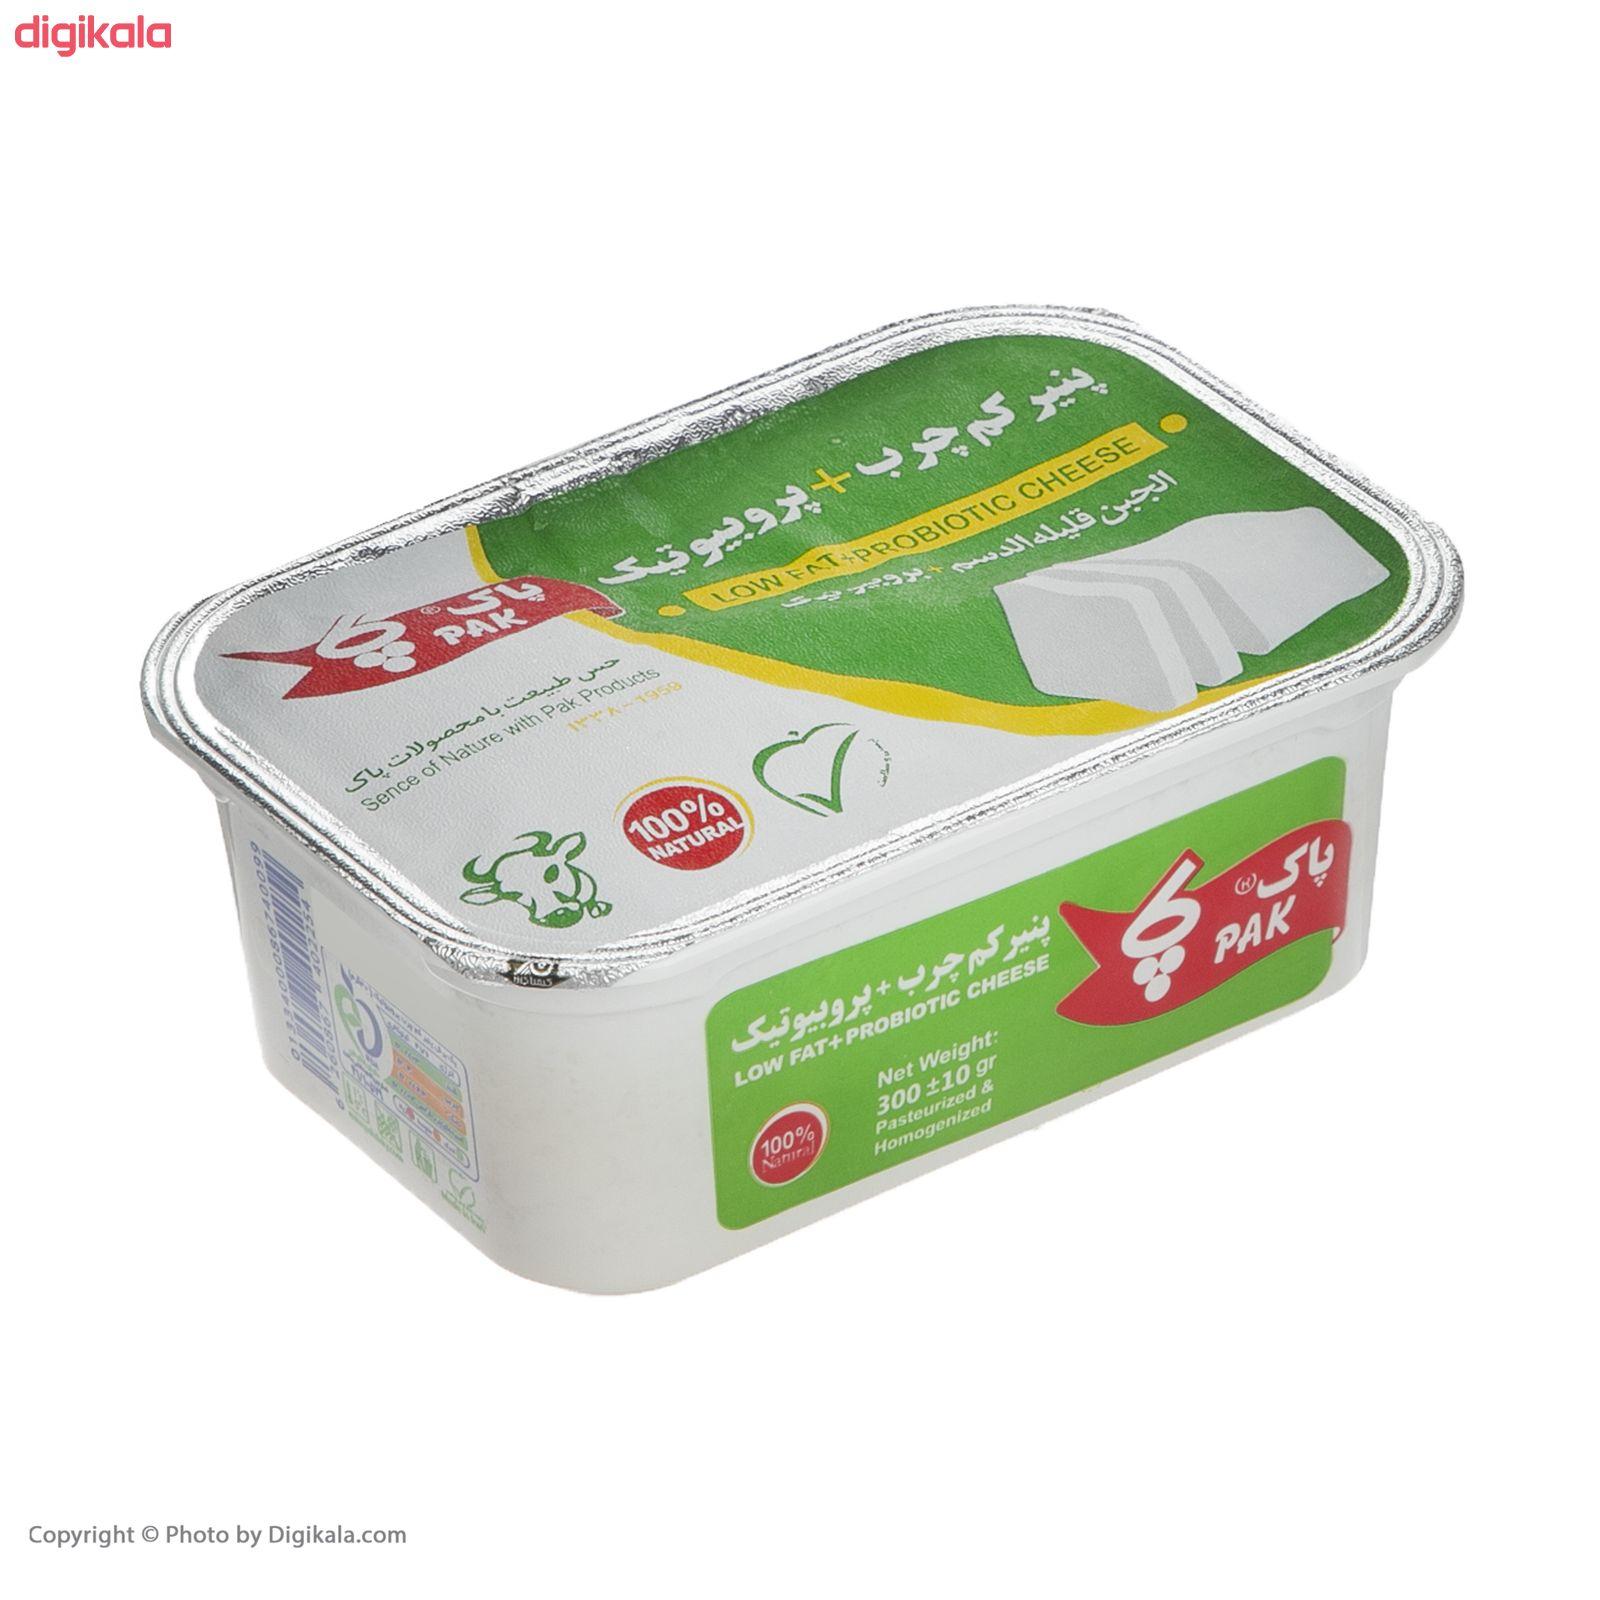 پنیر کم چرب پروبیوتیک پاک - 300 گرم  main 1 5